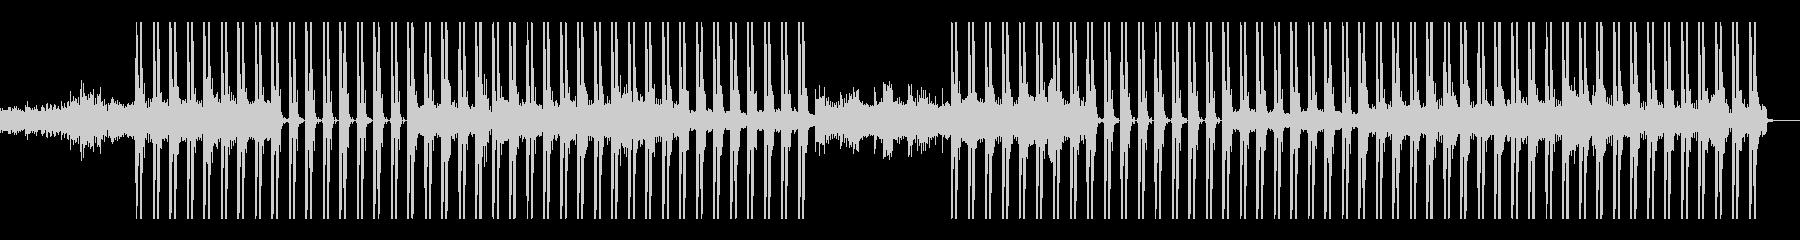 ディープ、ドープ、重い、低音、ハードの未再生の波形